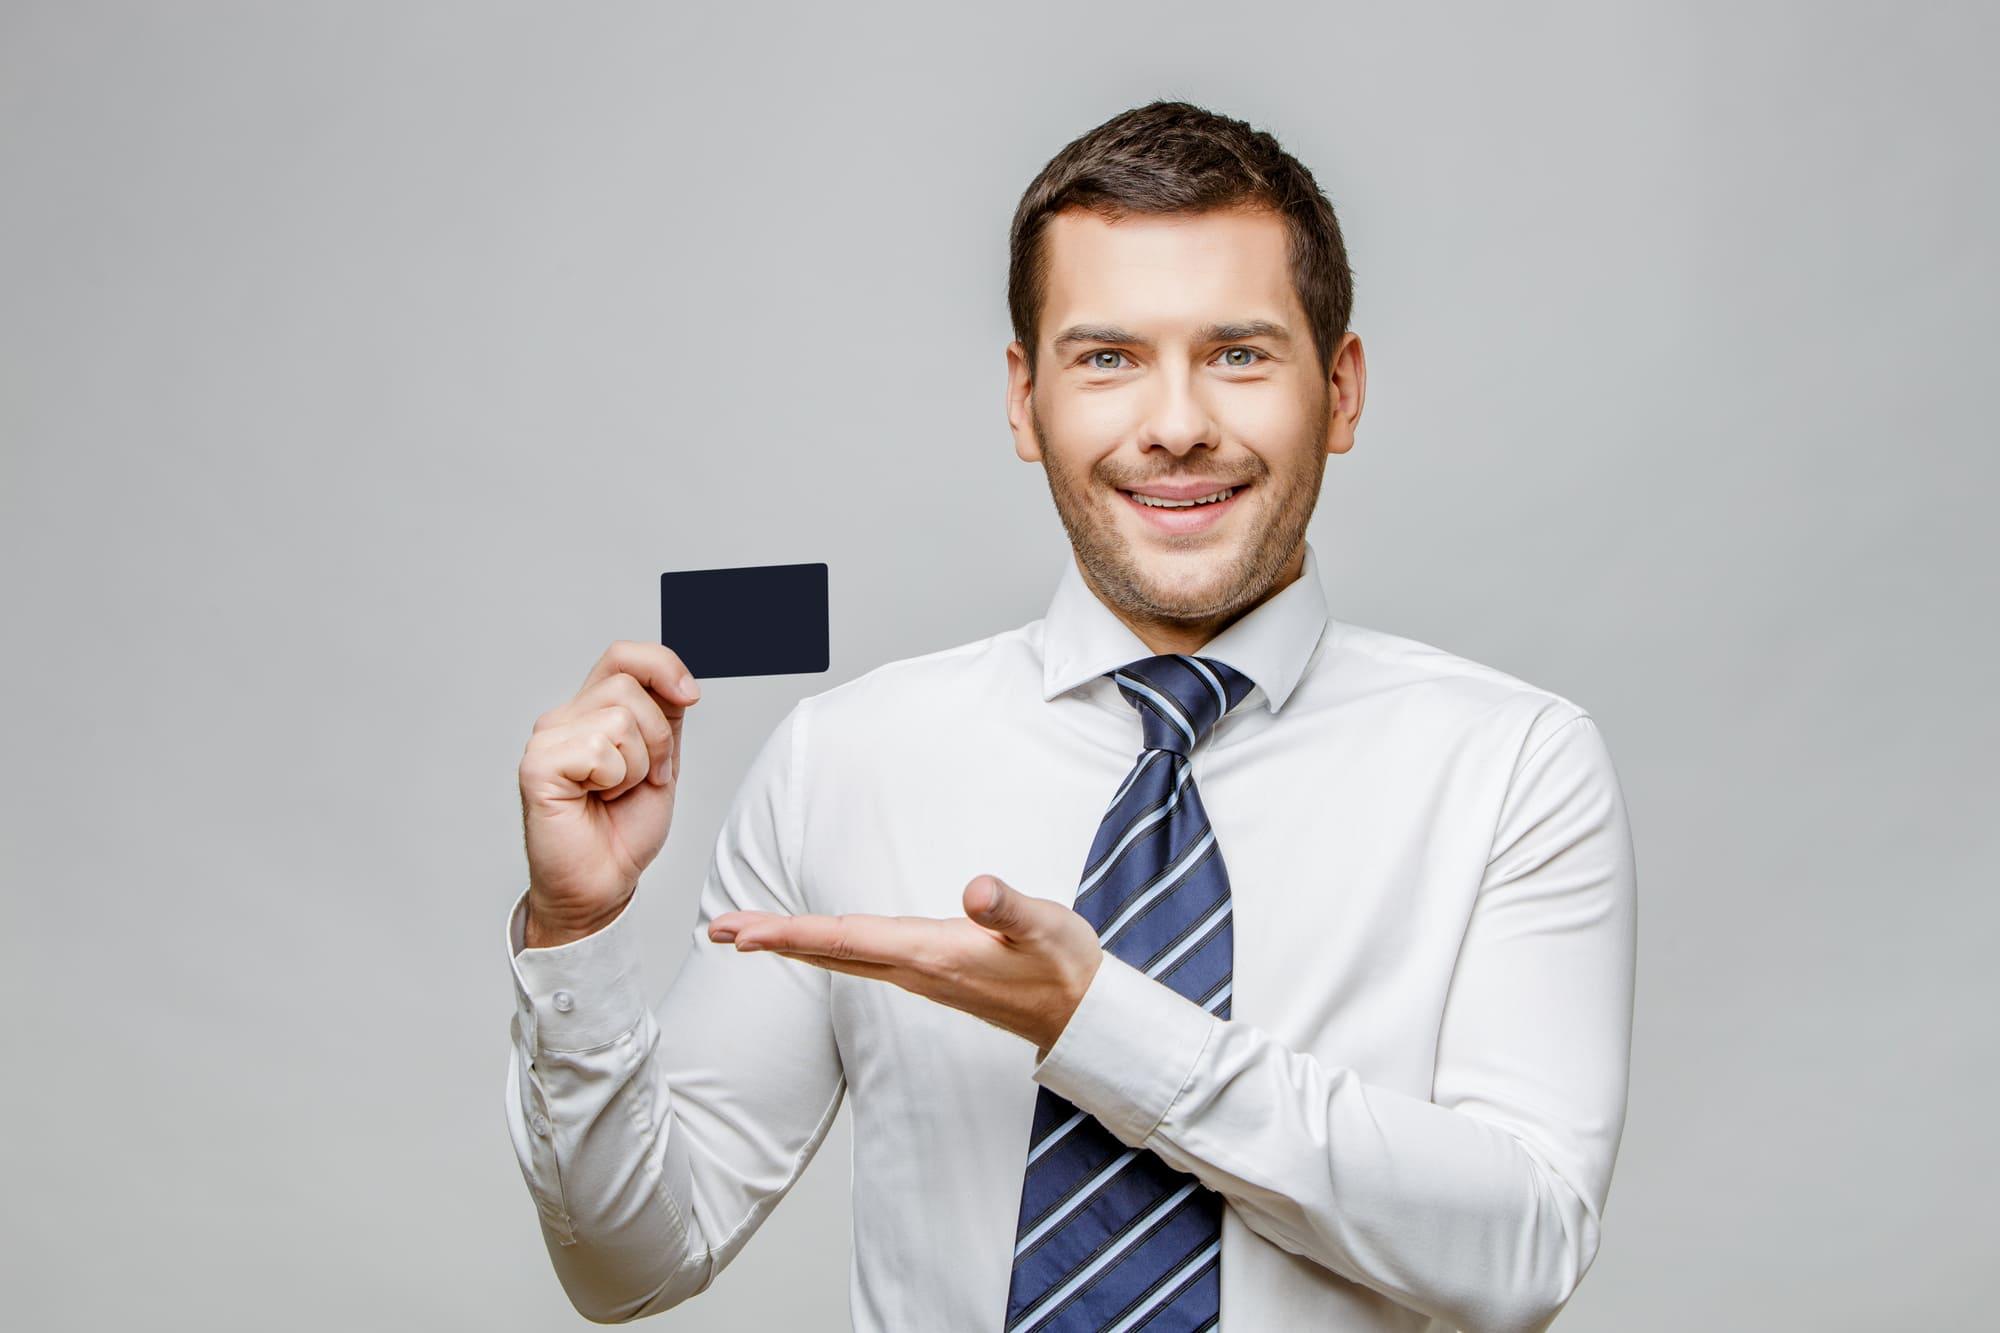 法人カード作成時におけるクレヒスの重要性と審査に通過するための対応策